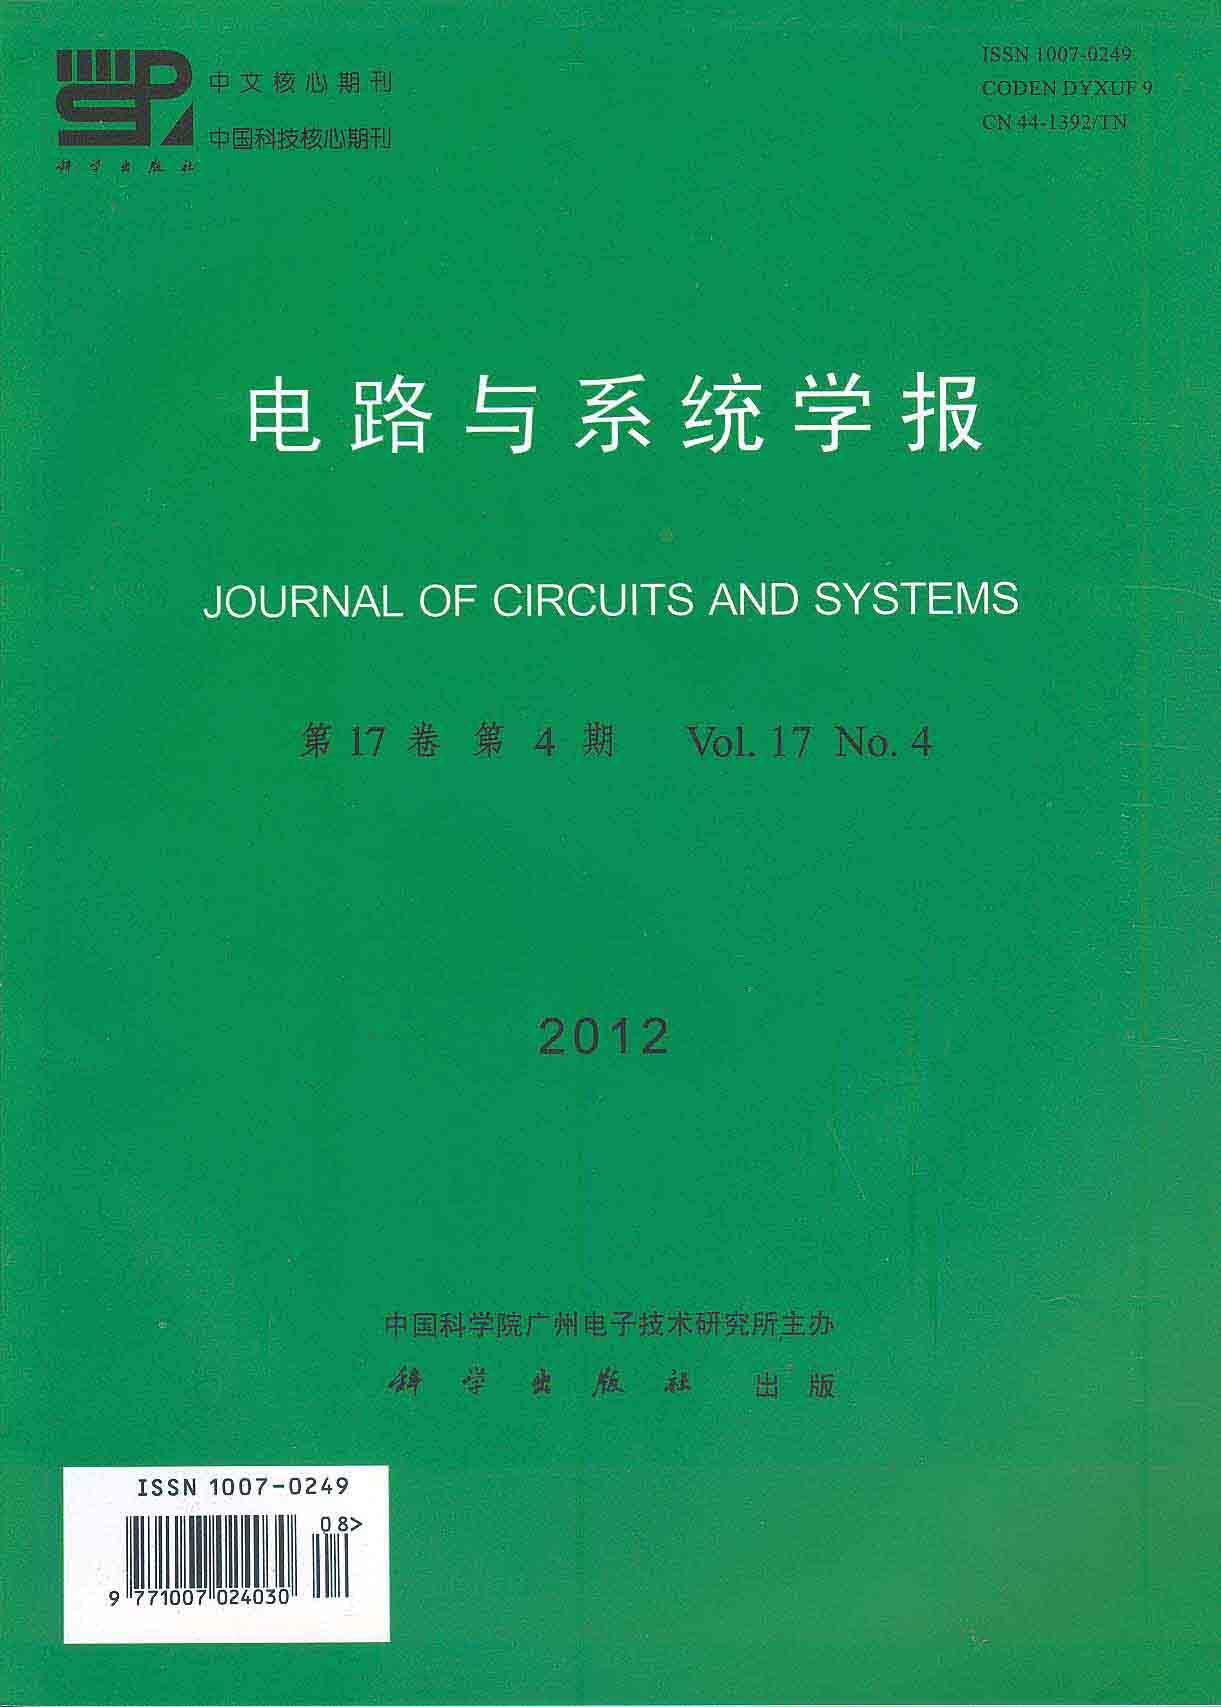 电路与系统大学排名【相关词_ 东南大学电路与系统】